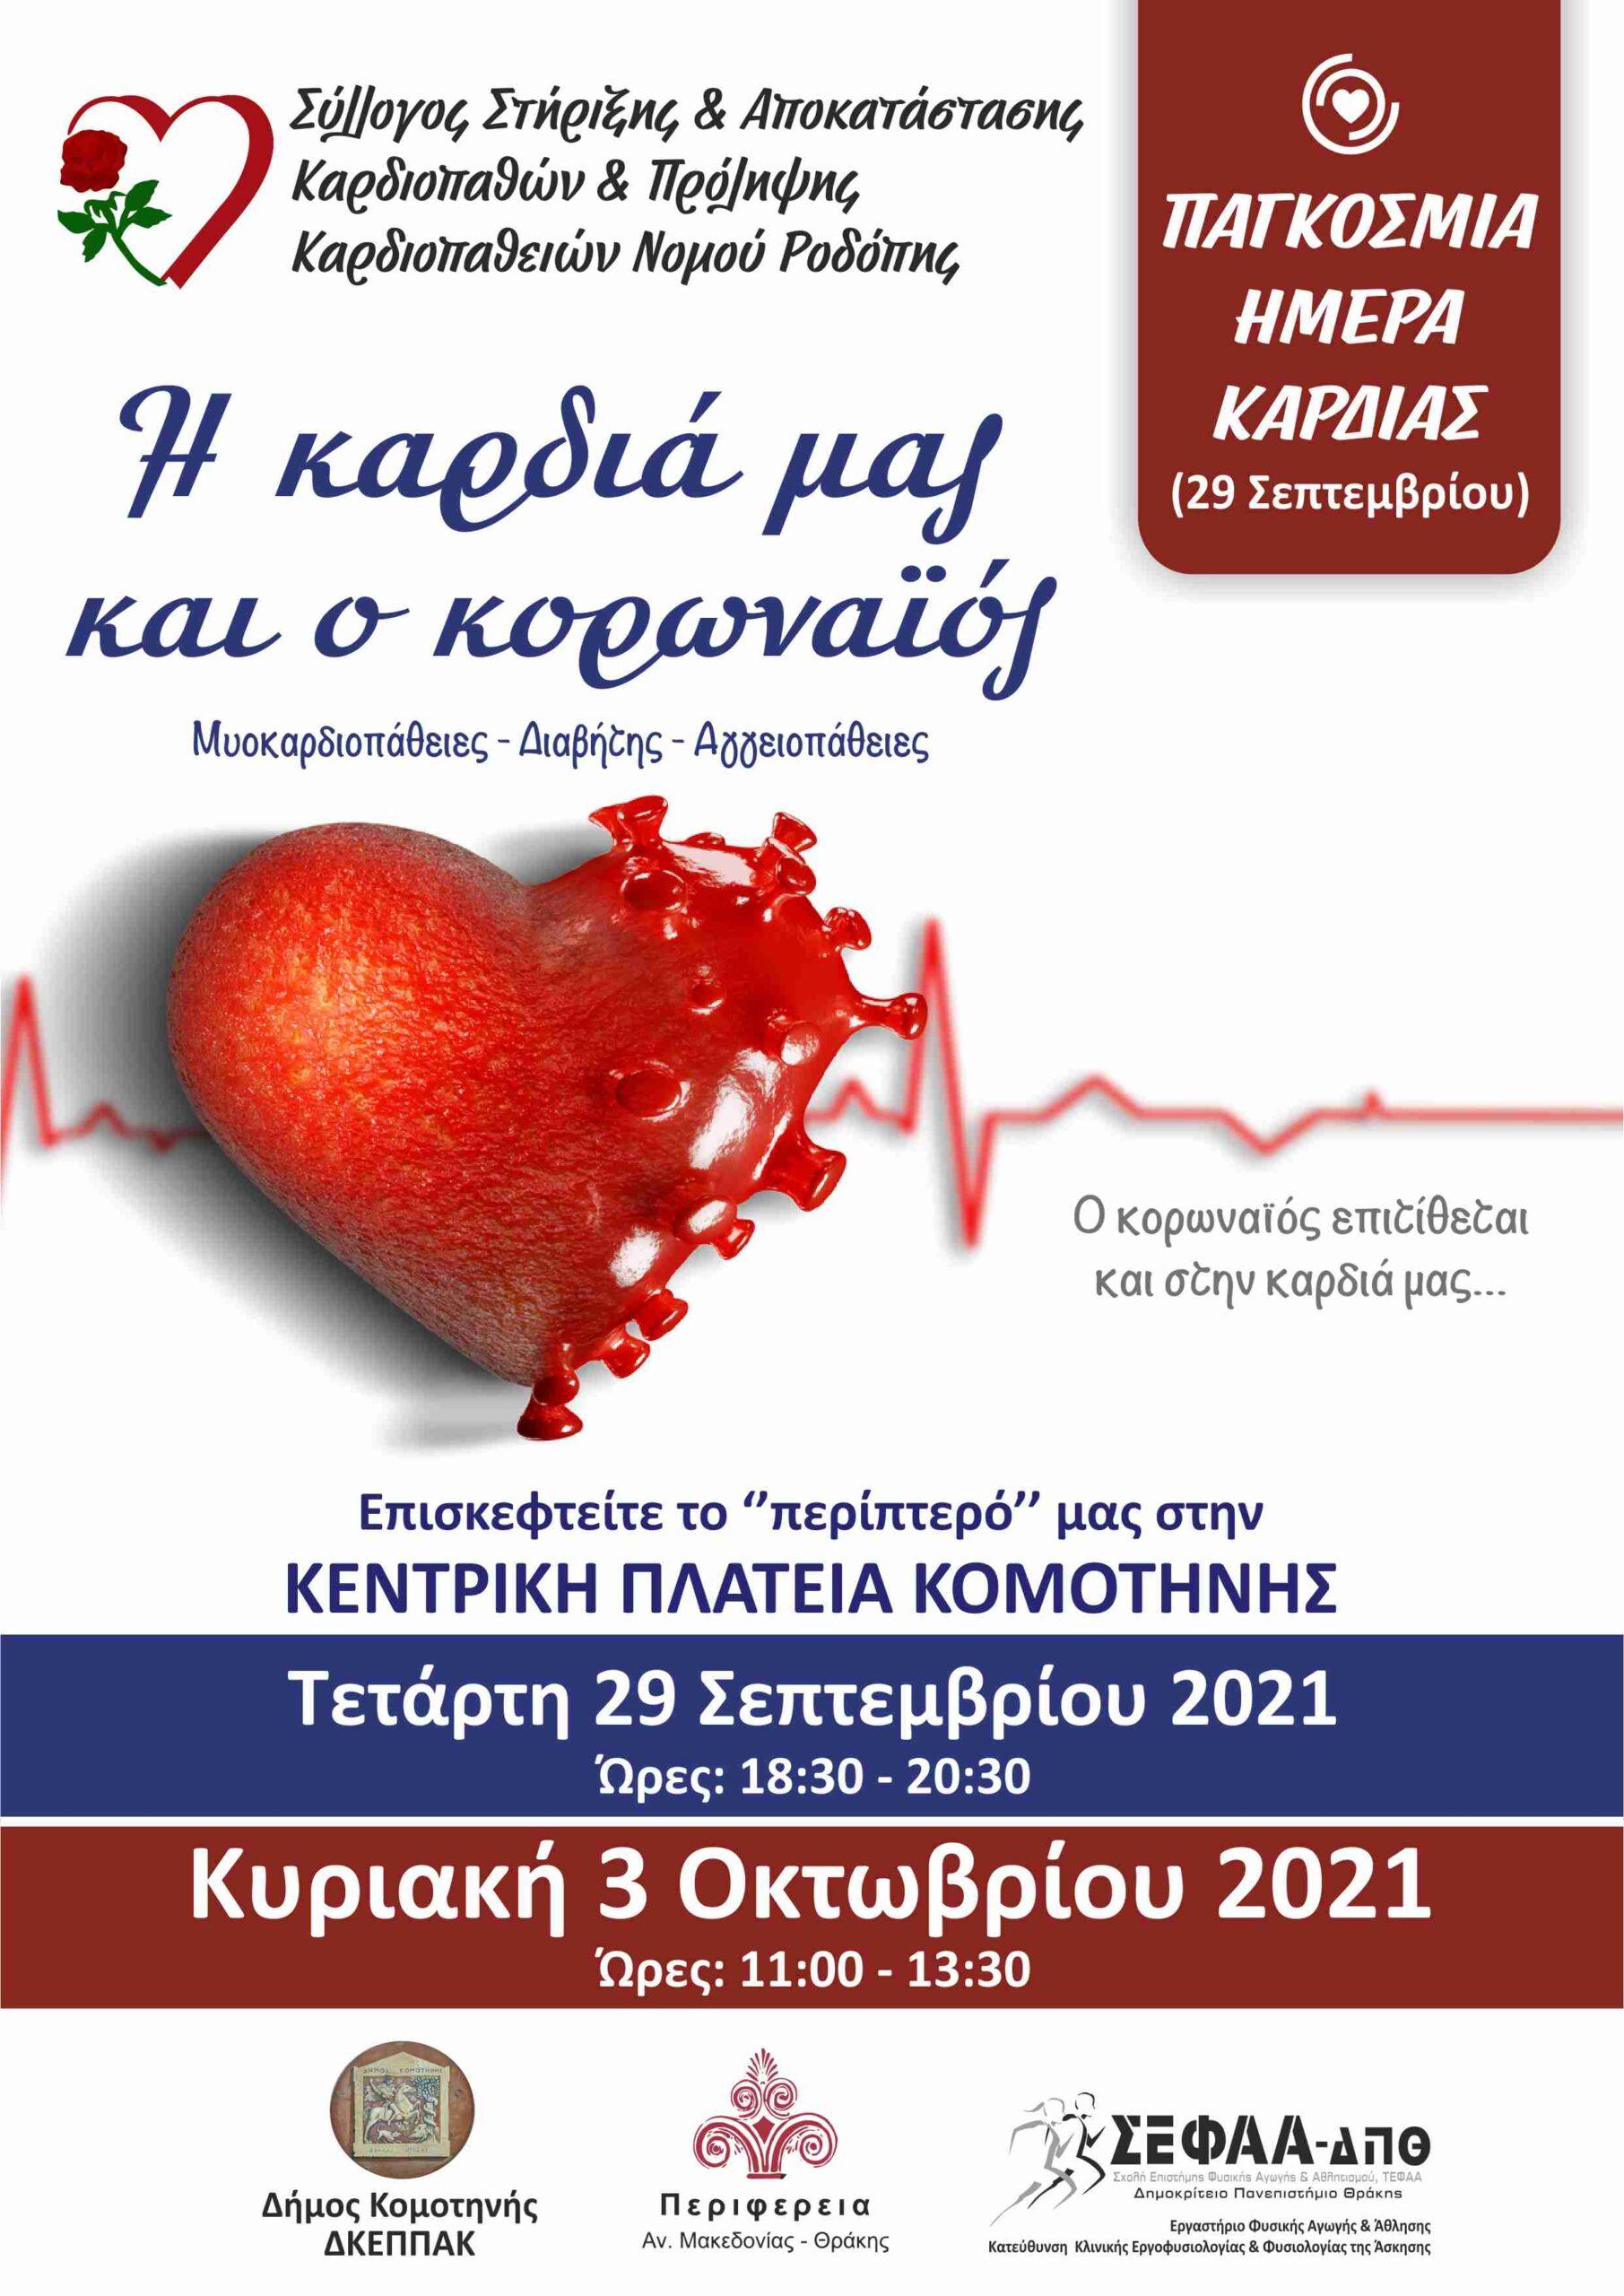 Εορτασμός της Παγκόσμιας Ημέρας Καρδιάς